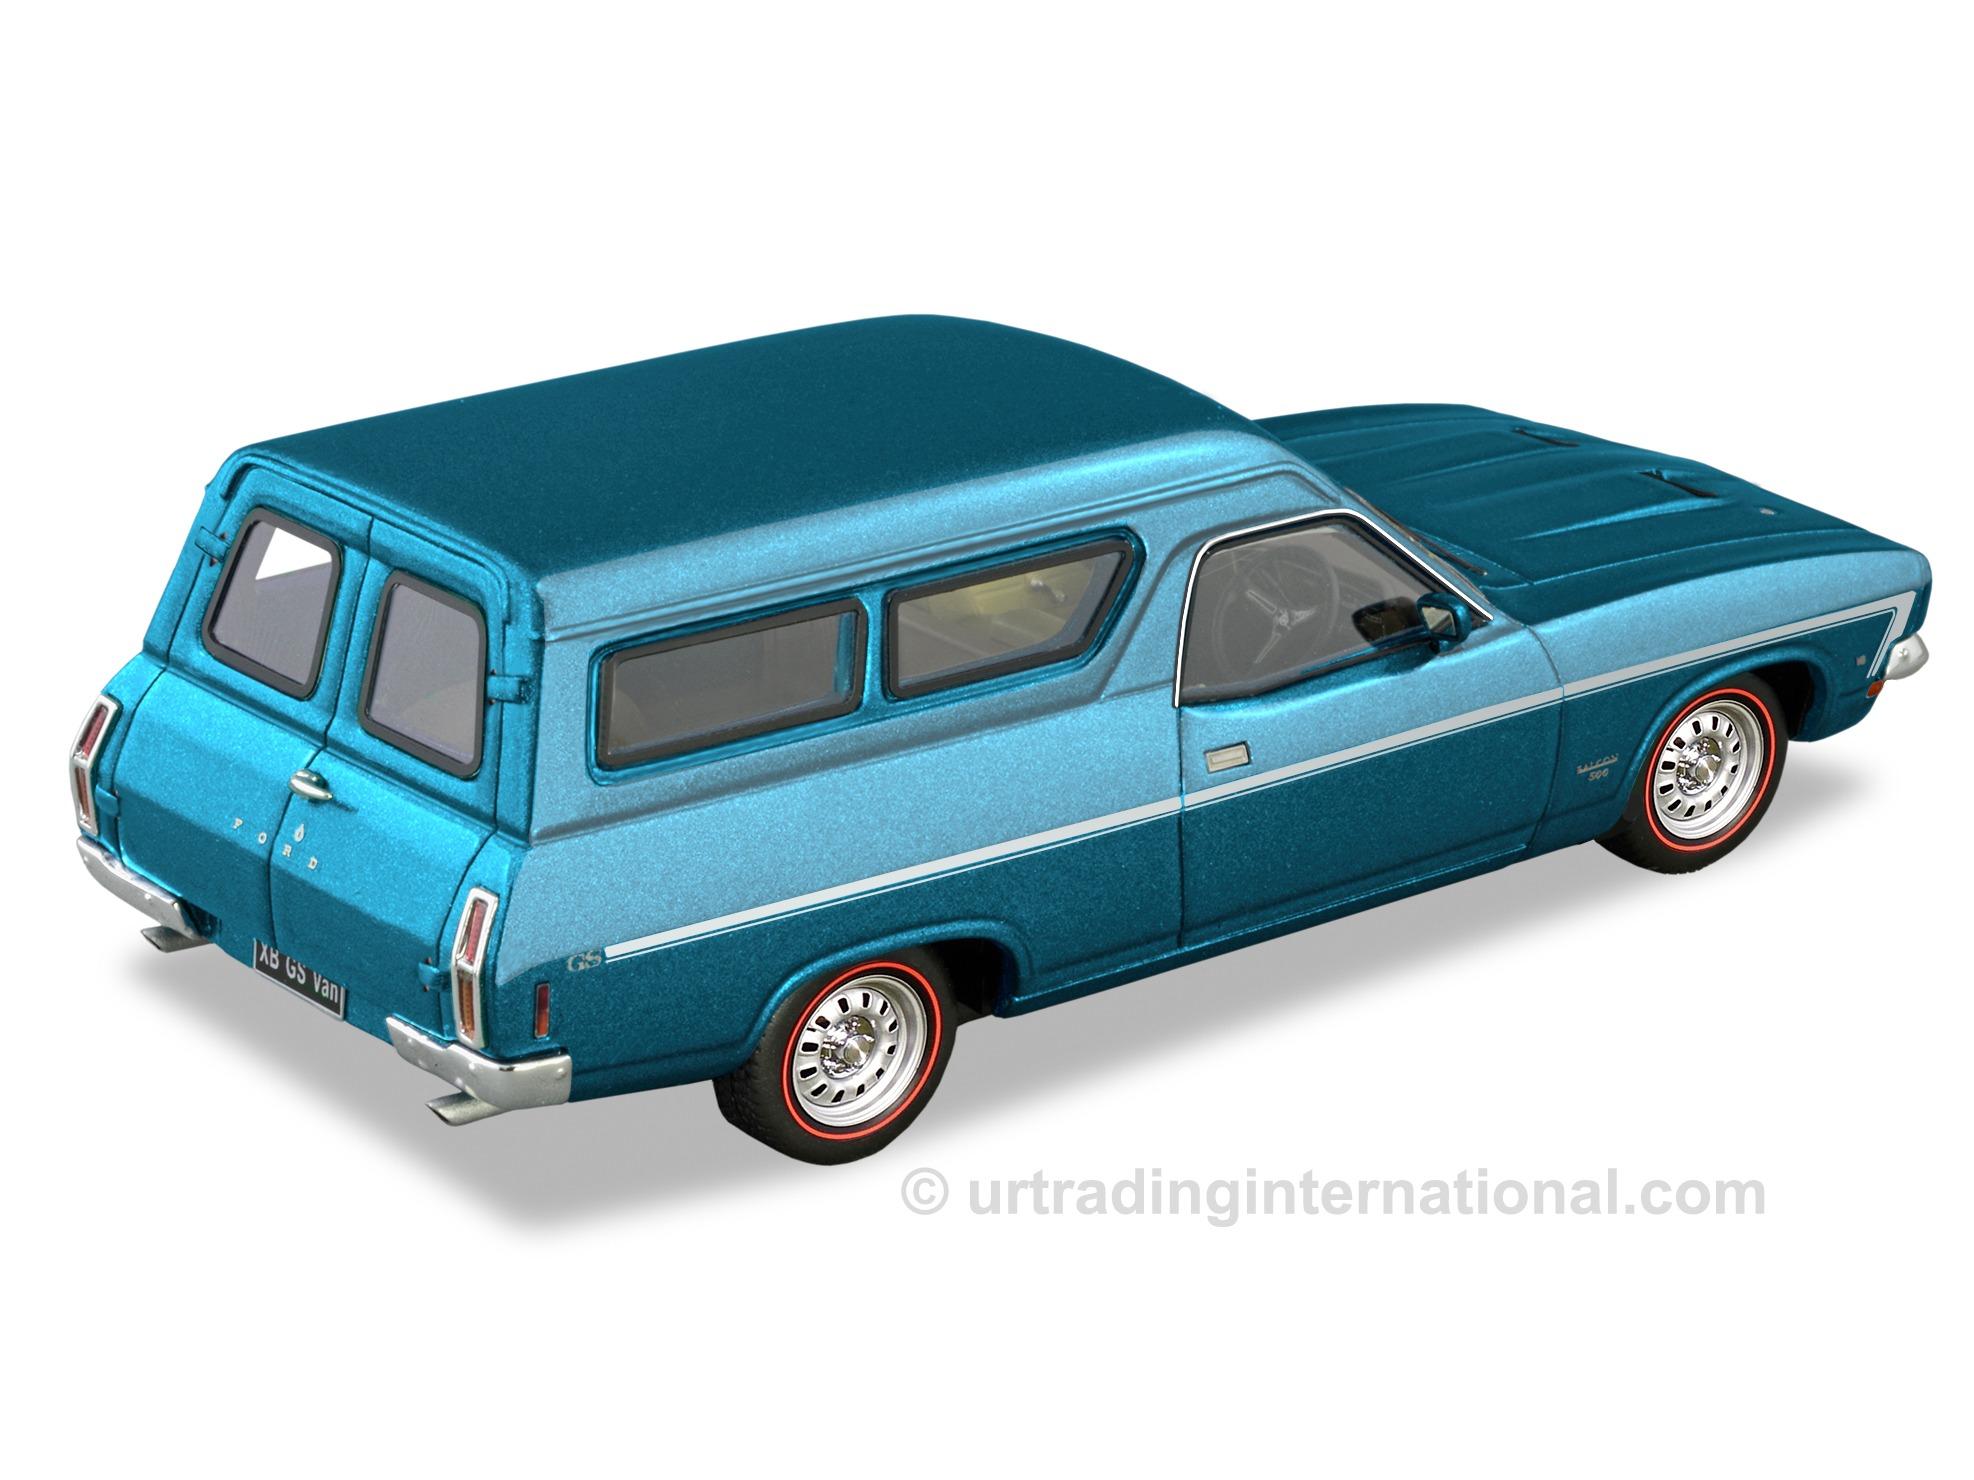 XB GS Panel Van –  Apollo Blue (Metallic)